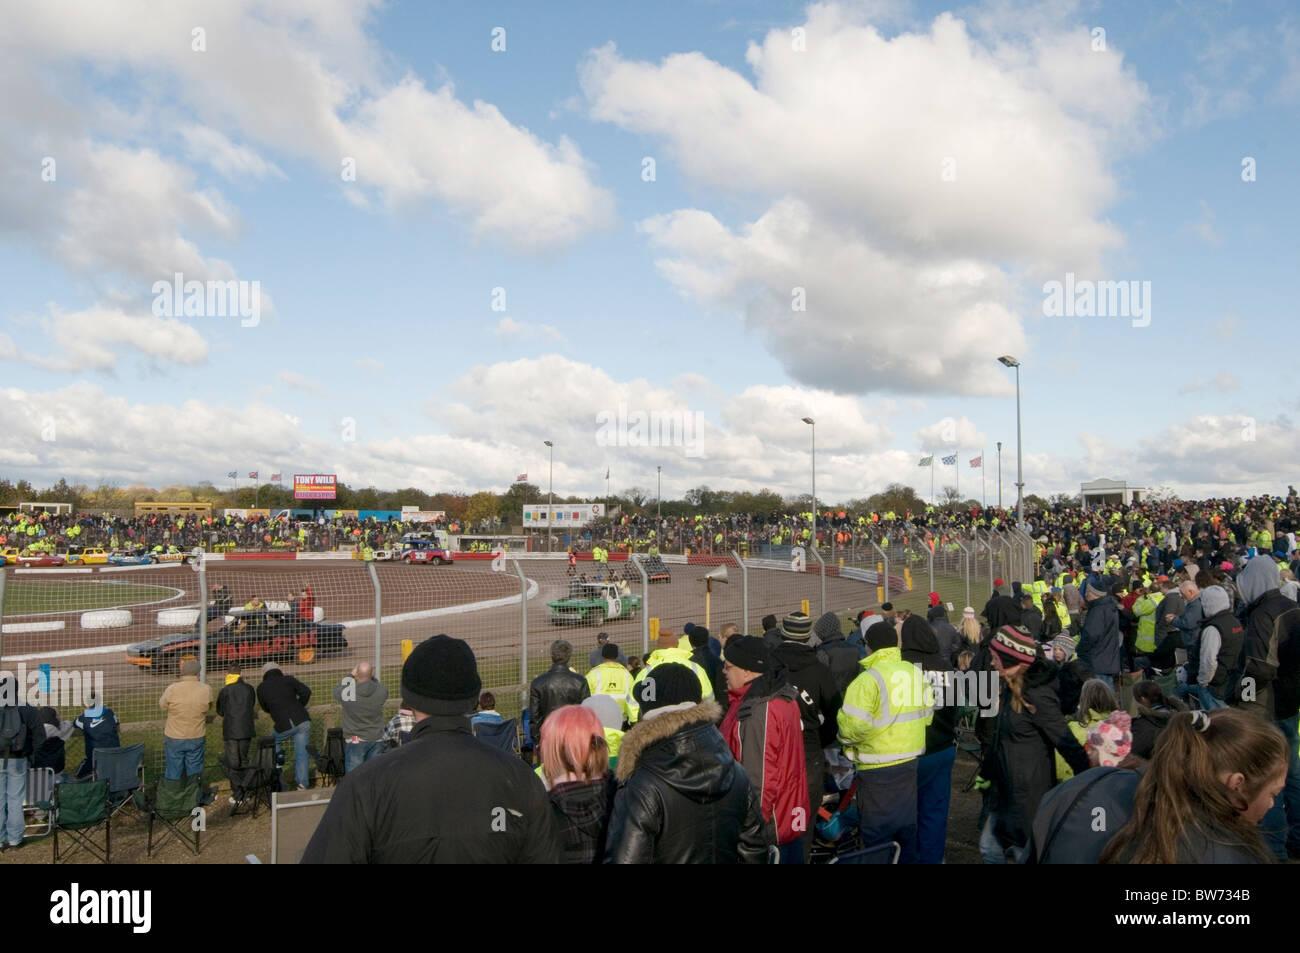 Arena essex stock car vía circuito Speedway motor racing Banger Racing multitud cuervos espectador espectadores Imagen De Stock